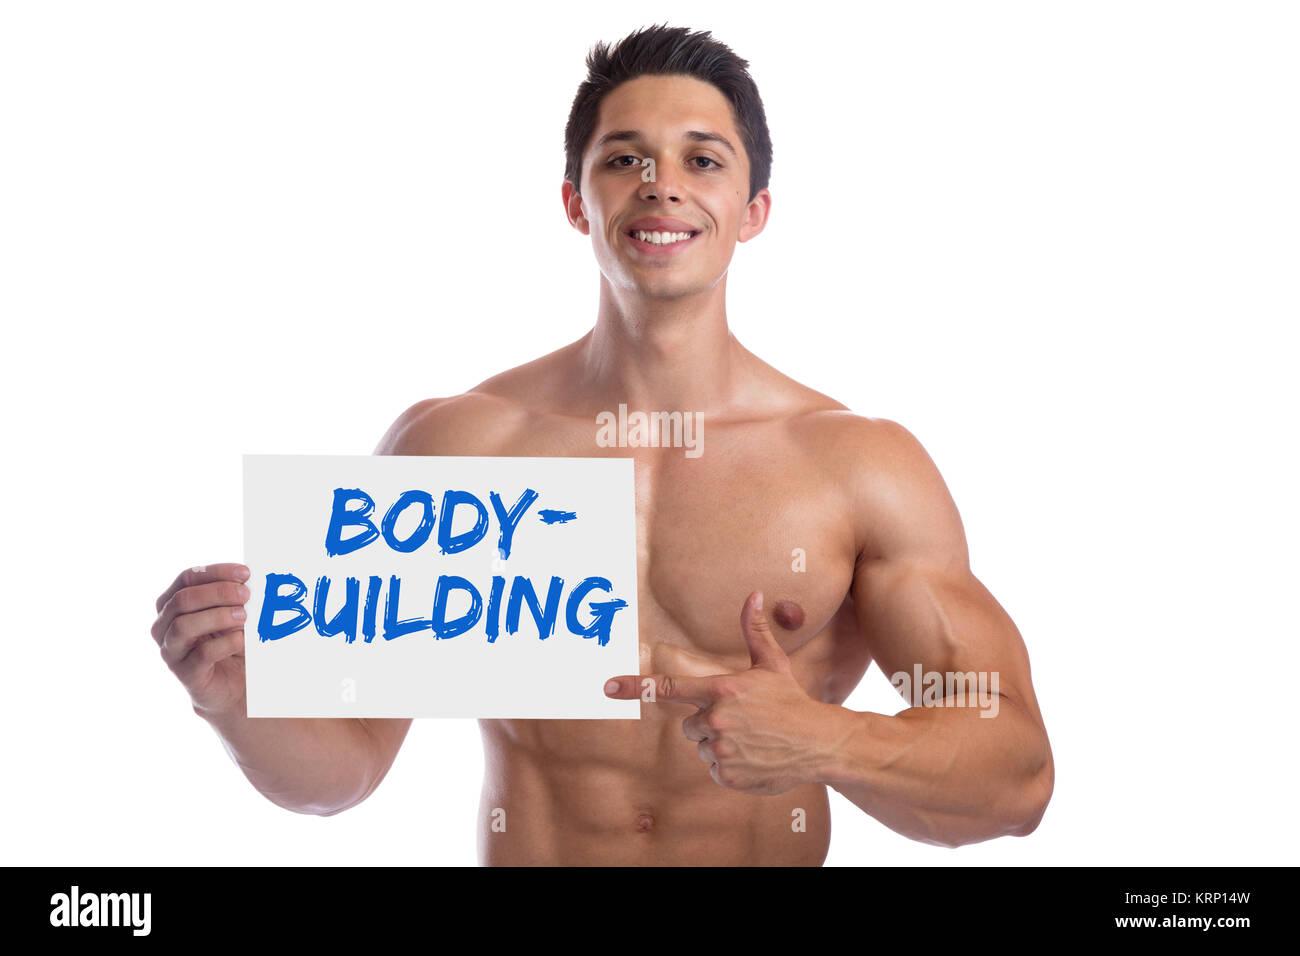 Bodybuilding culturista muscoli scudo edificio corpo uomo forte muscolare taglio giovani Immagini Stock